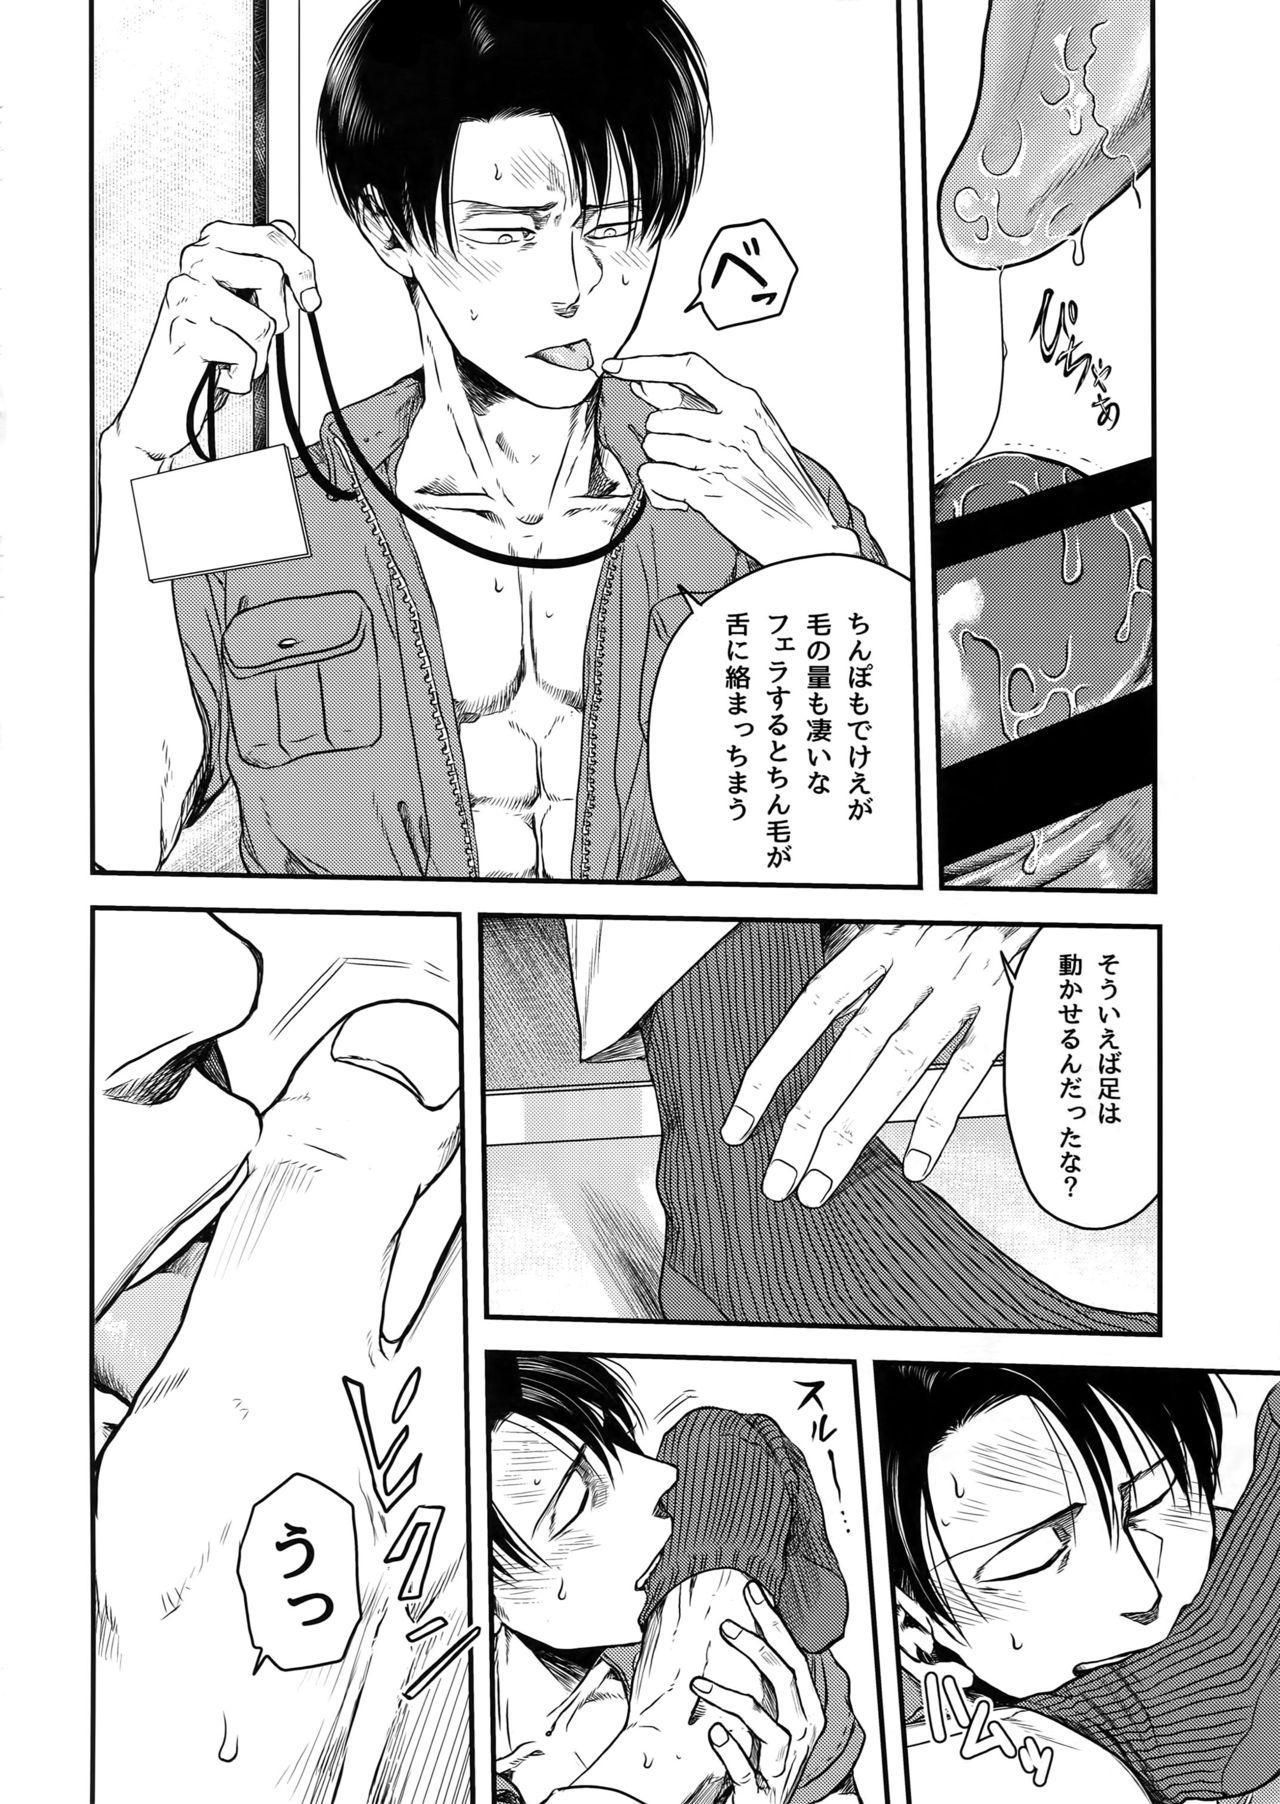 Rekishi Kyoushi to Seisouin 10